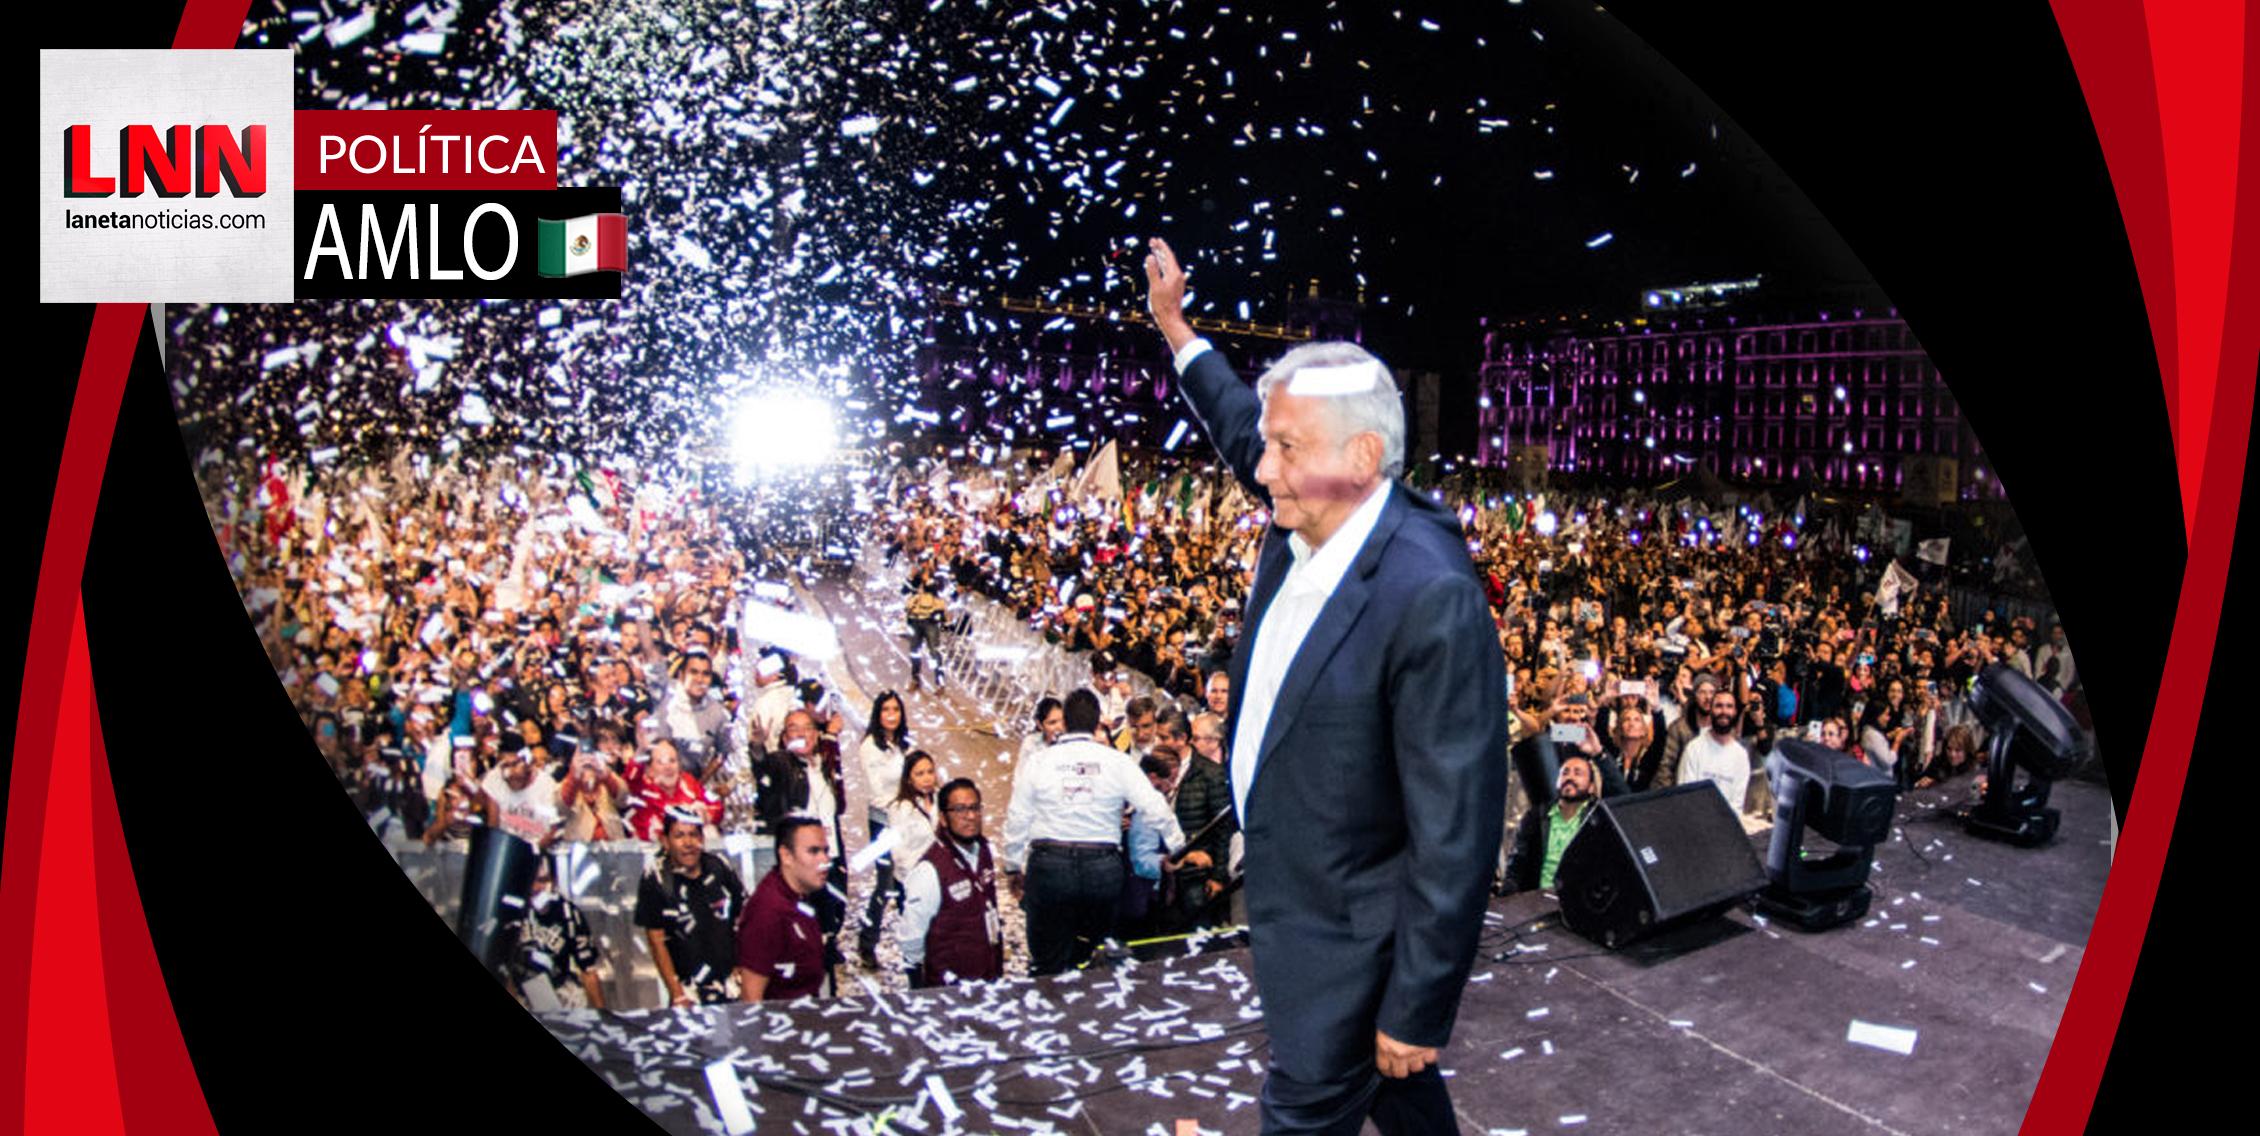 Ha terminado en los 20 distritos electorales de Jalisco el cómputo de votos de la elección presidencial, con el virtual ganador de la coalición Juntos Haremos Historia, Andrés Manuel López Obrador, quien en el estado consiguió un millón 456 mil 356 votos, además, ganó en dieciséis de los 20 distritos federales del estado.